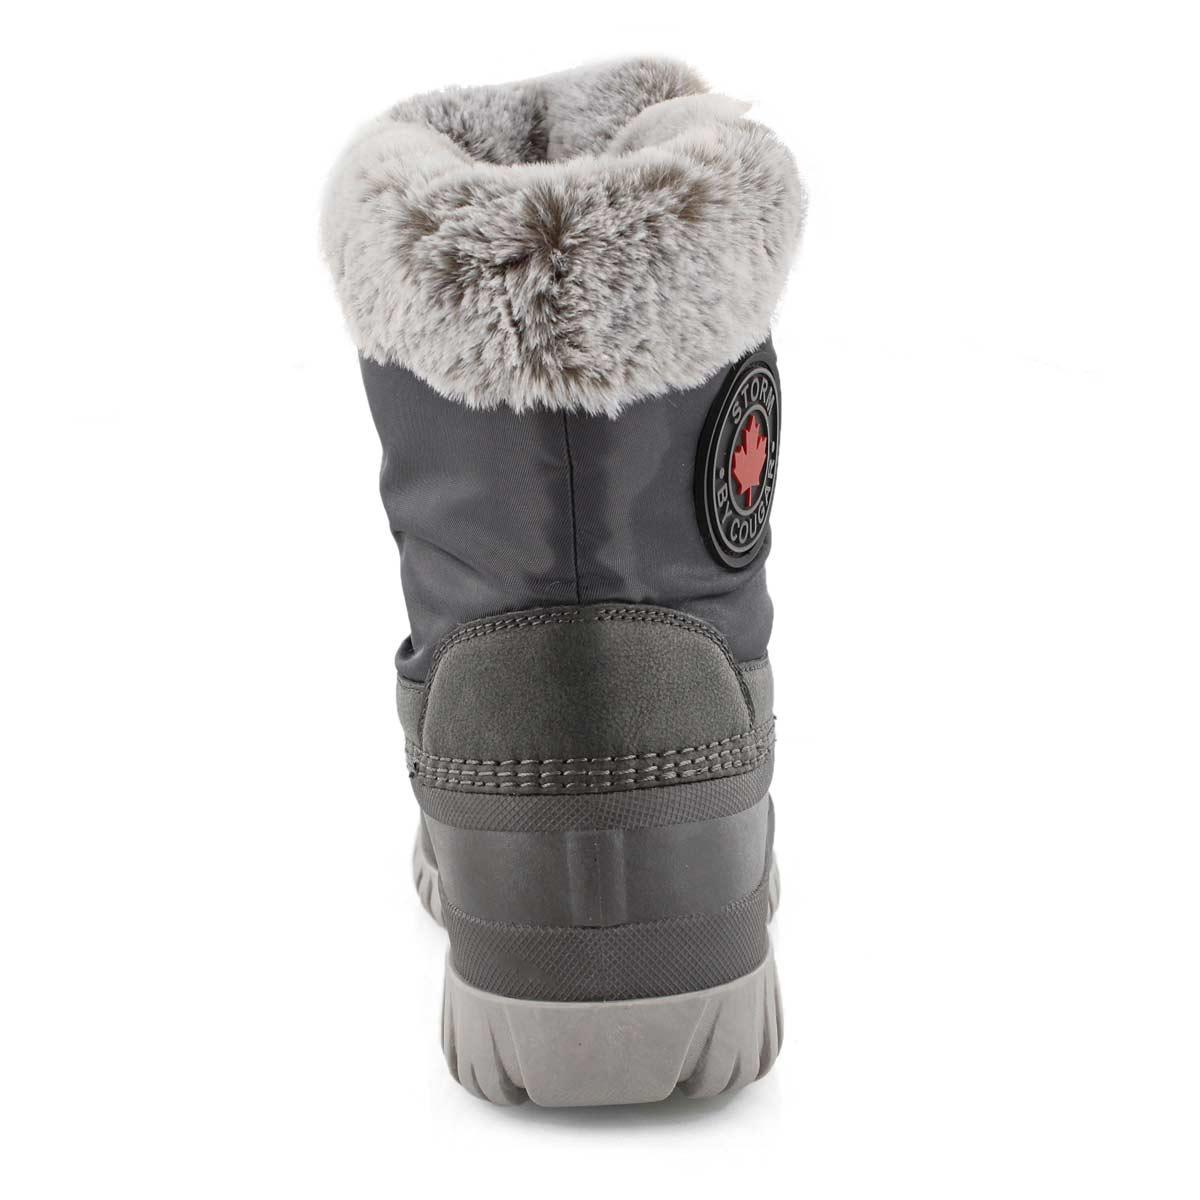 Lds Cabot char waterproof winter boot